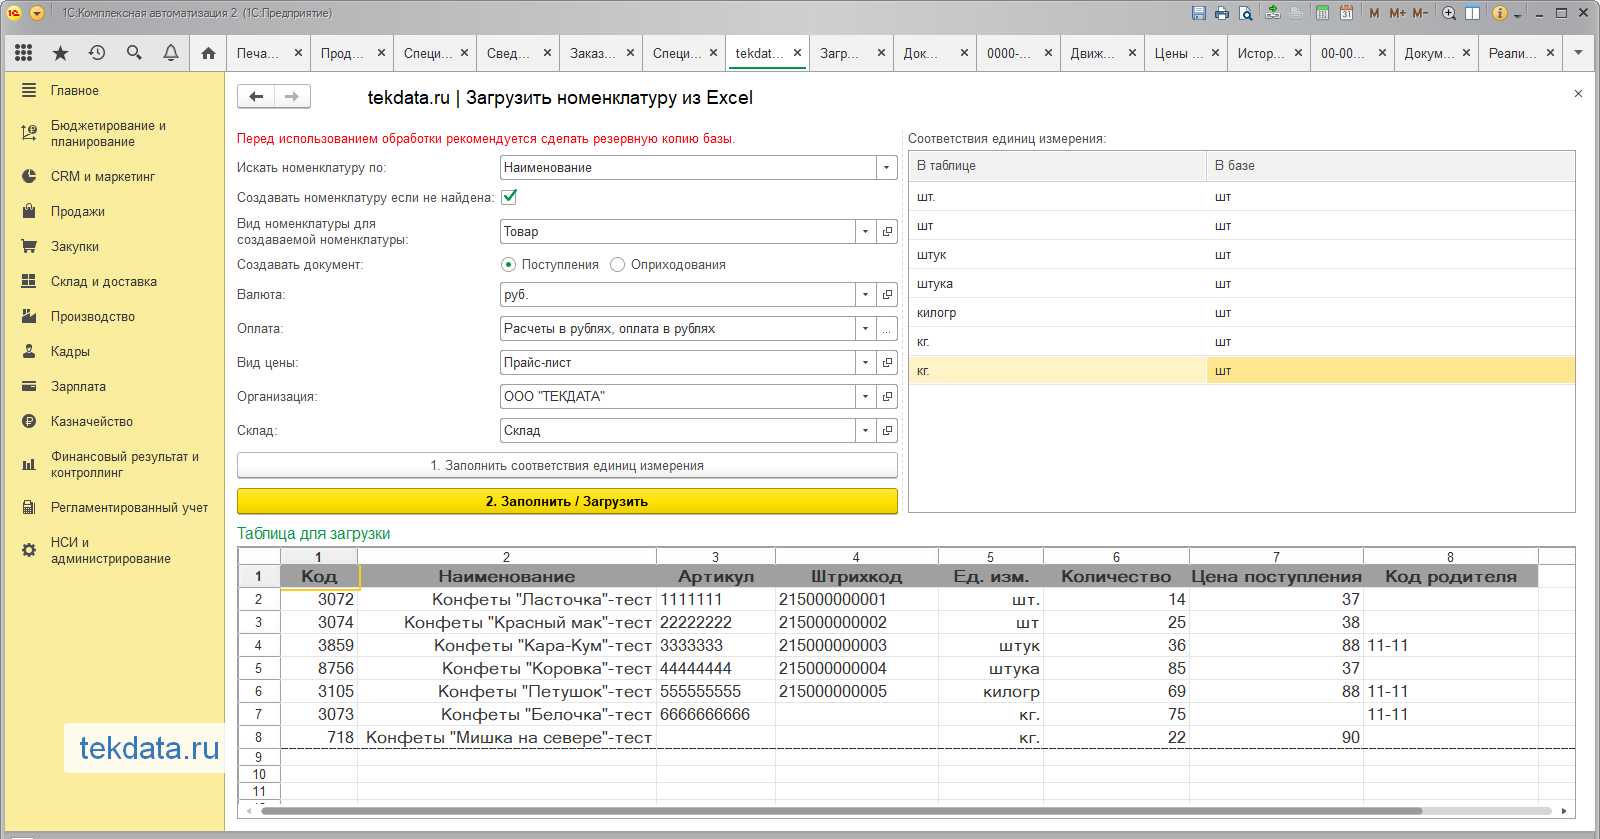 Загрузка номенклатуры, цен, остатков, документов приобретения или оприходования из Excel в 1С:КА 2.4 (Внешняя обработка)